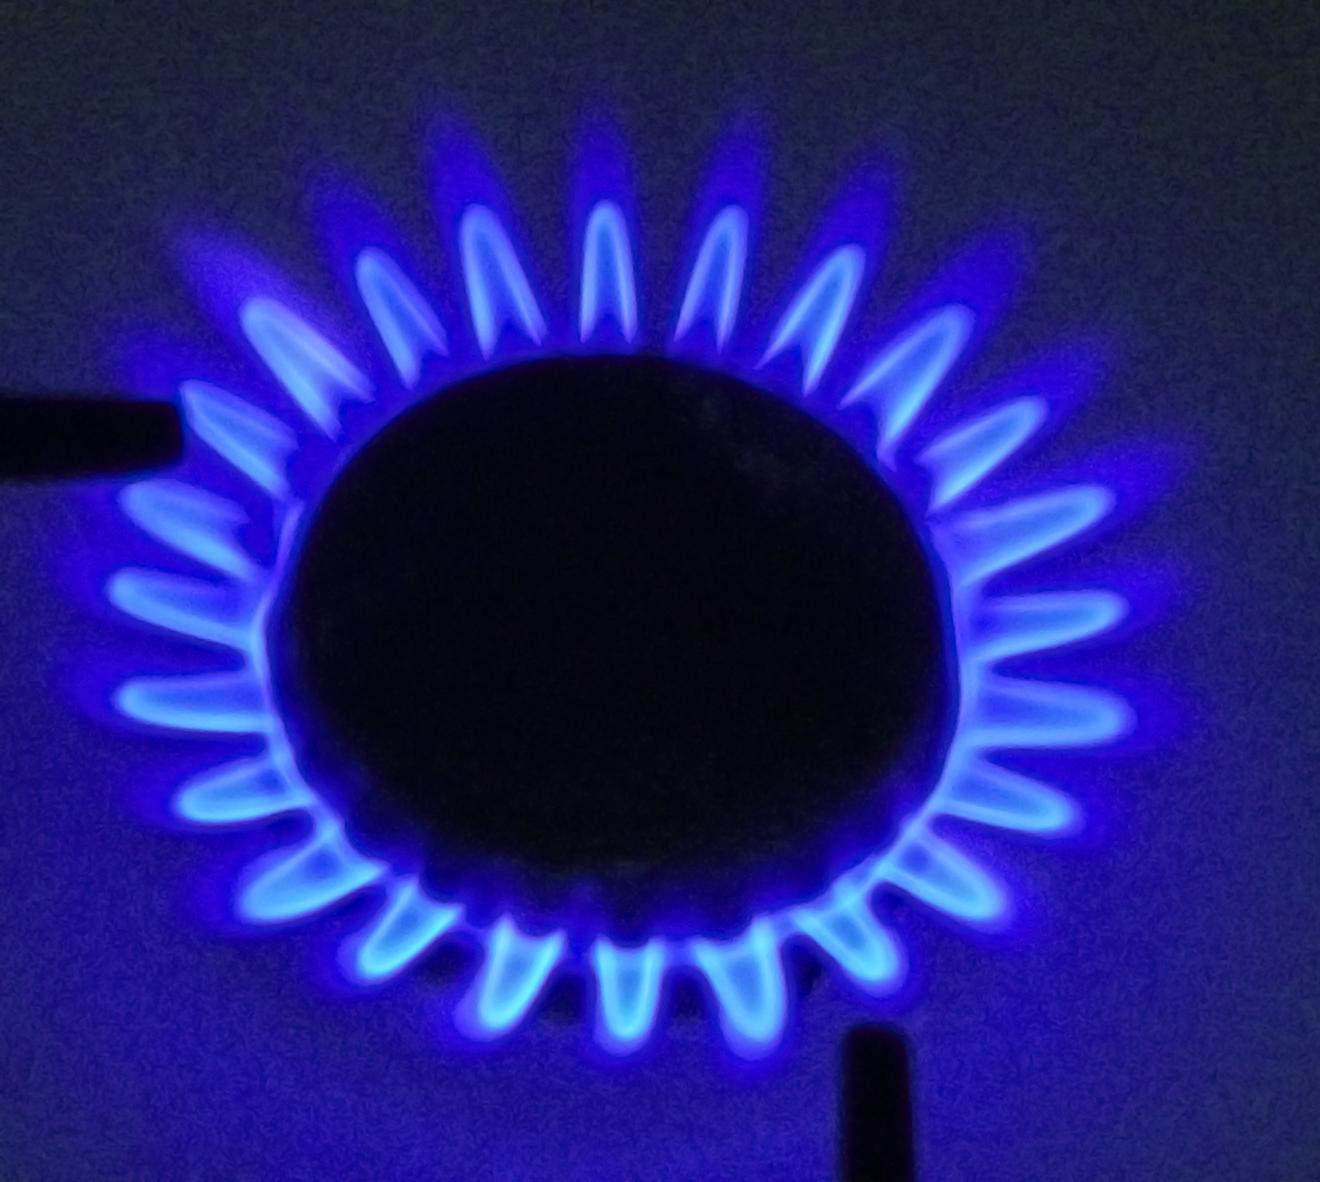 ضرورت تعیین قیمت گاز برای افزایش سرمایهگذاری در پتروشیمی